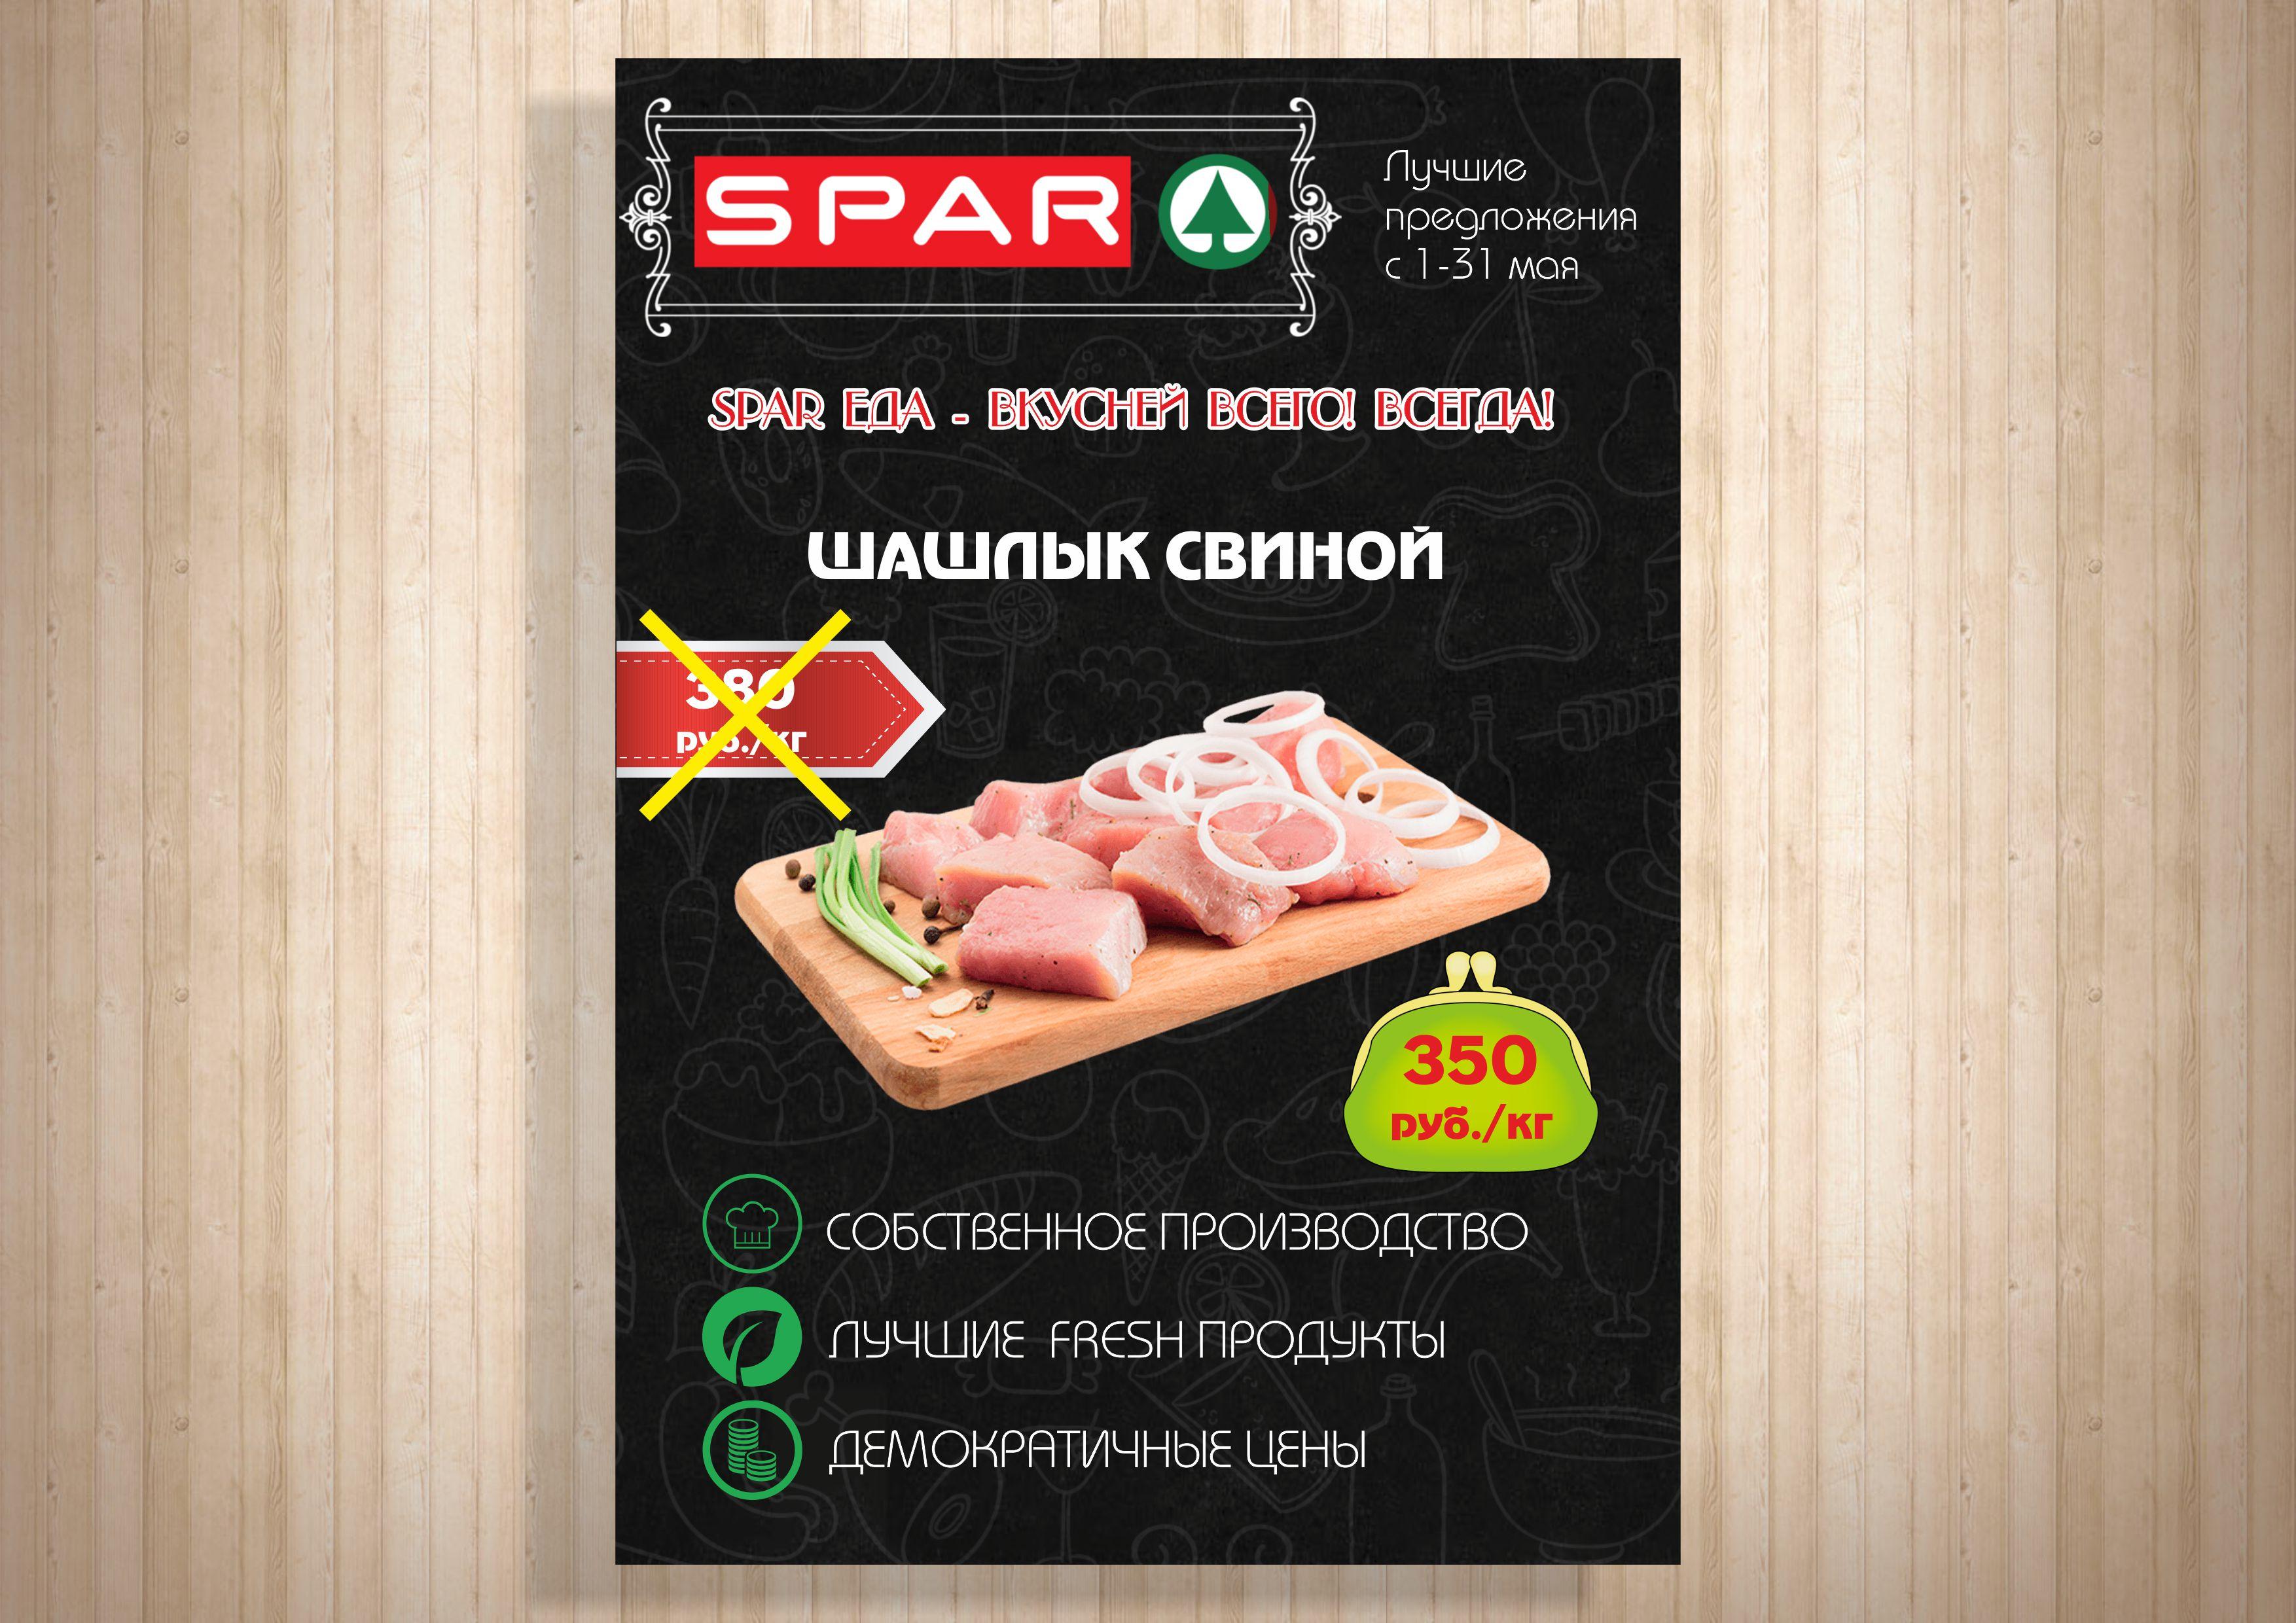 Дизайн листовки для магазина SPAR фото f_7795cb5c00ef15d9.jpg